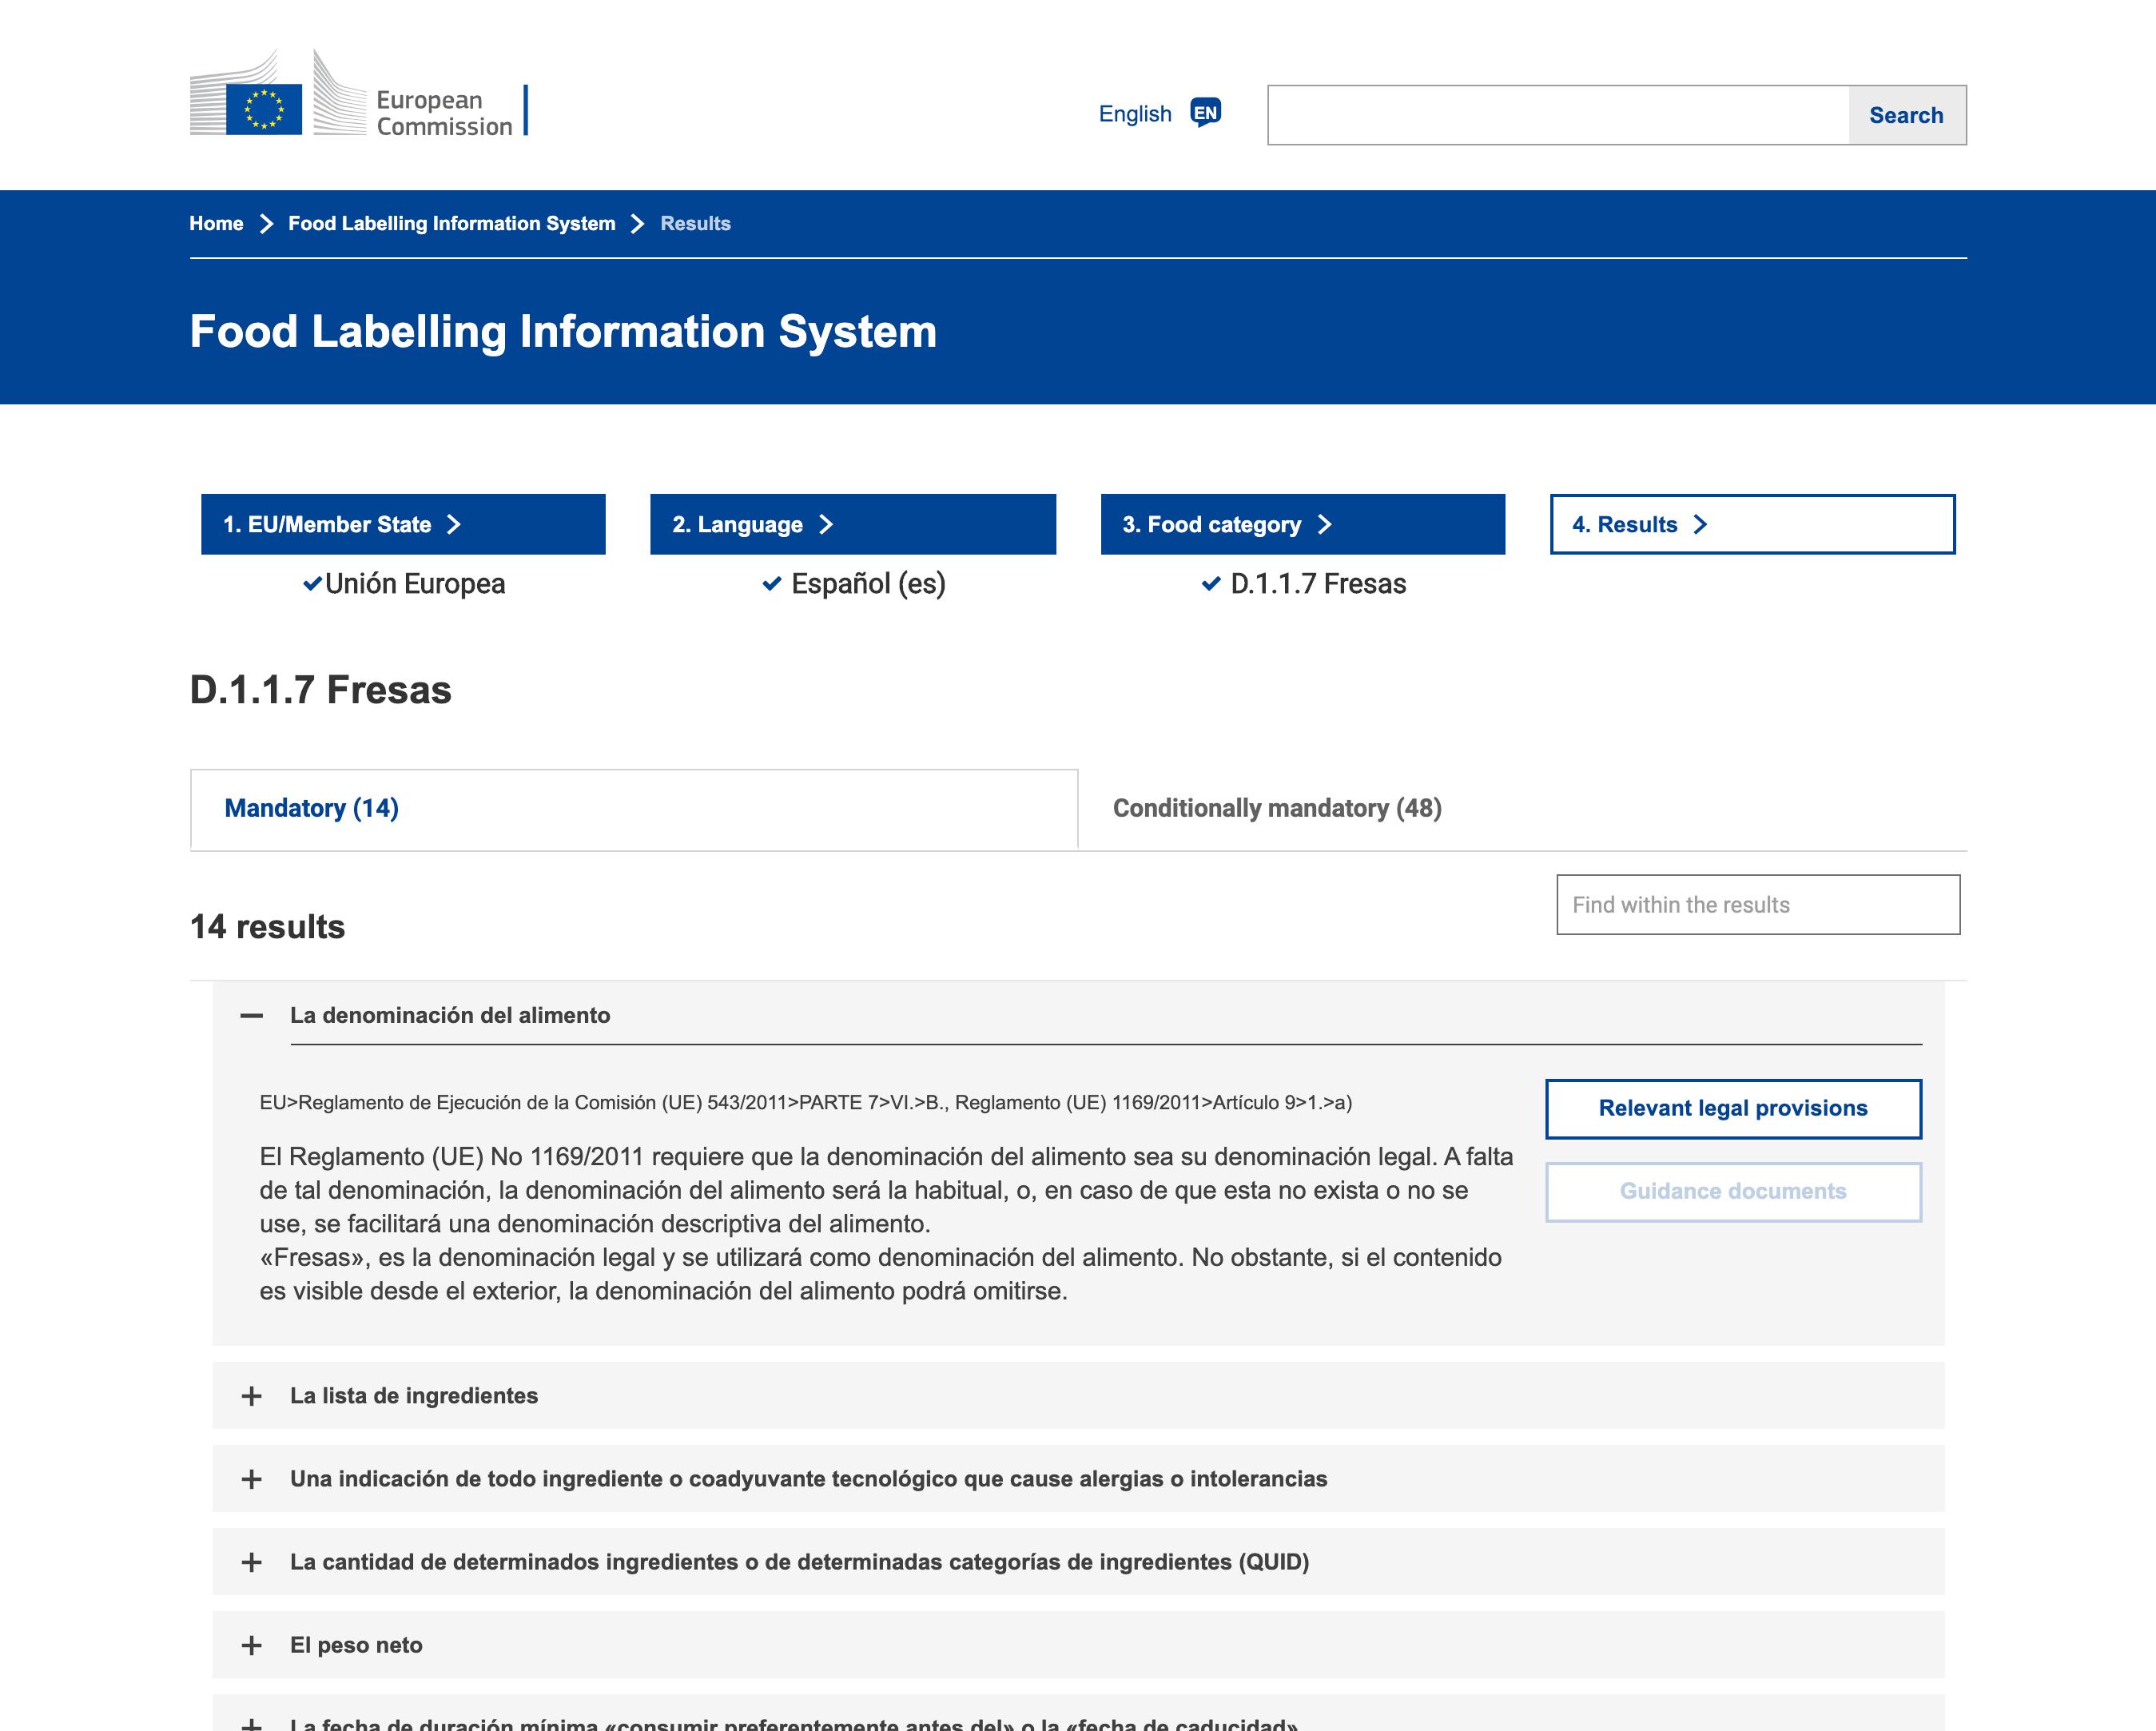 Sistema de Información sobre Etiquetado de Alimentos desarrollado por la Comisión Europea usando Symfony